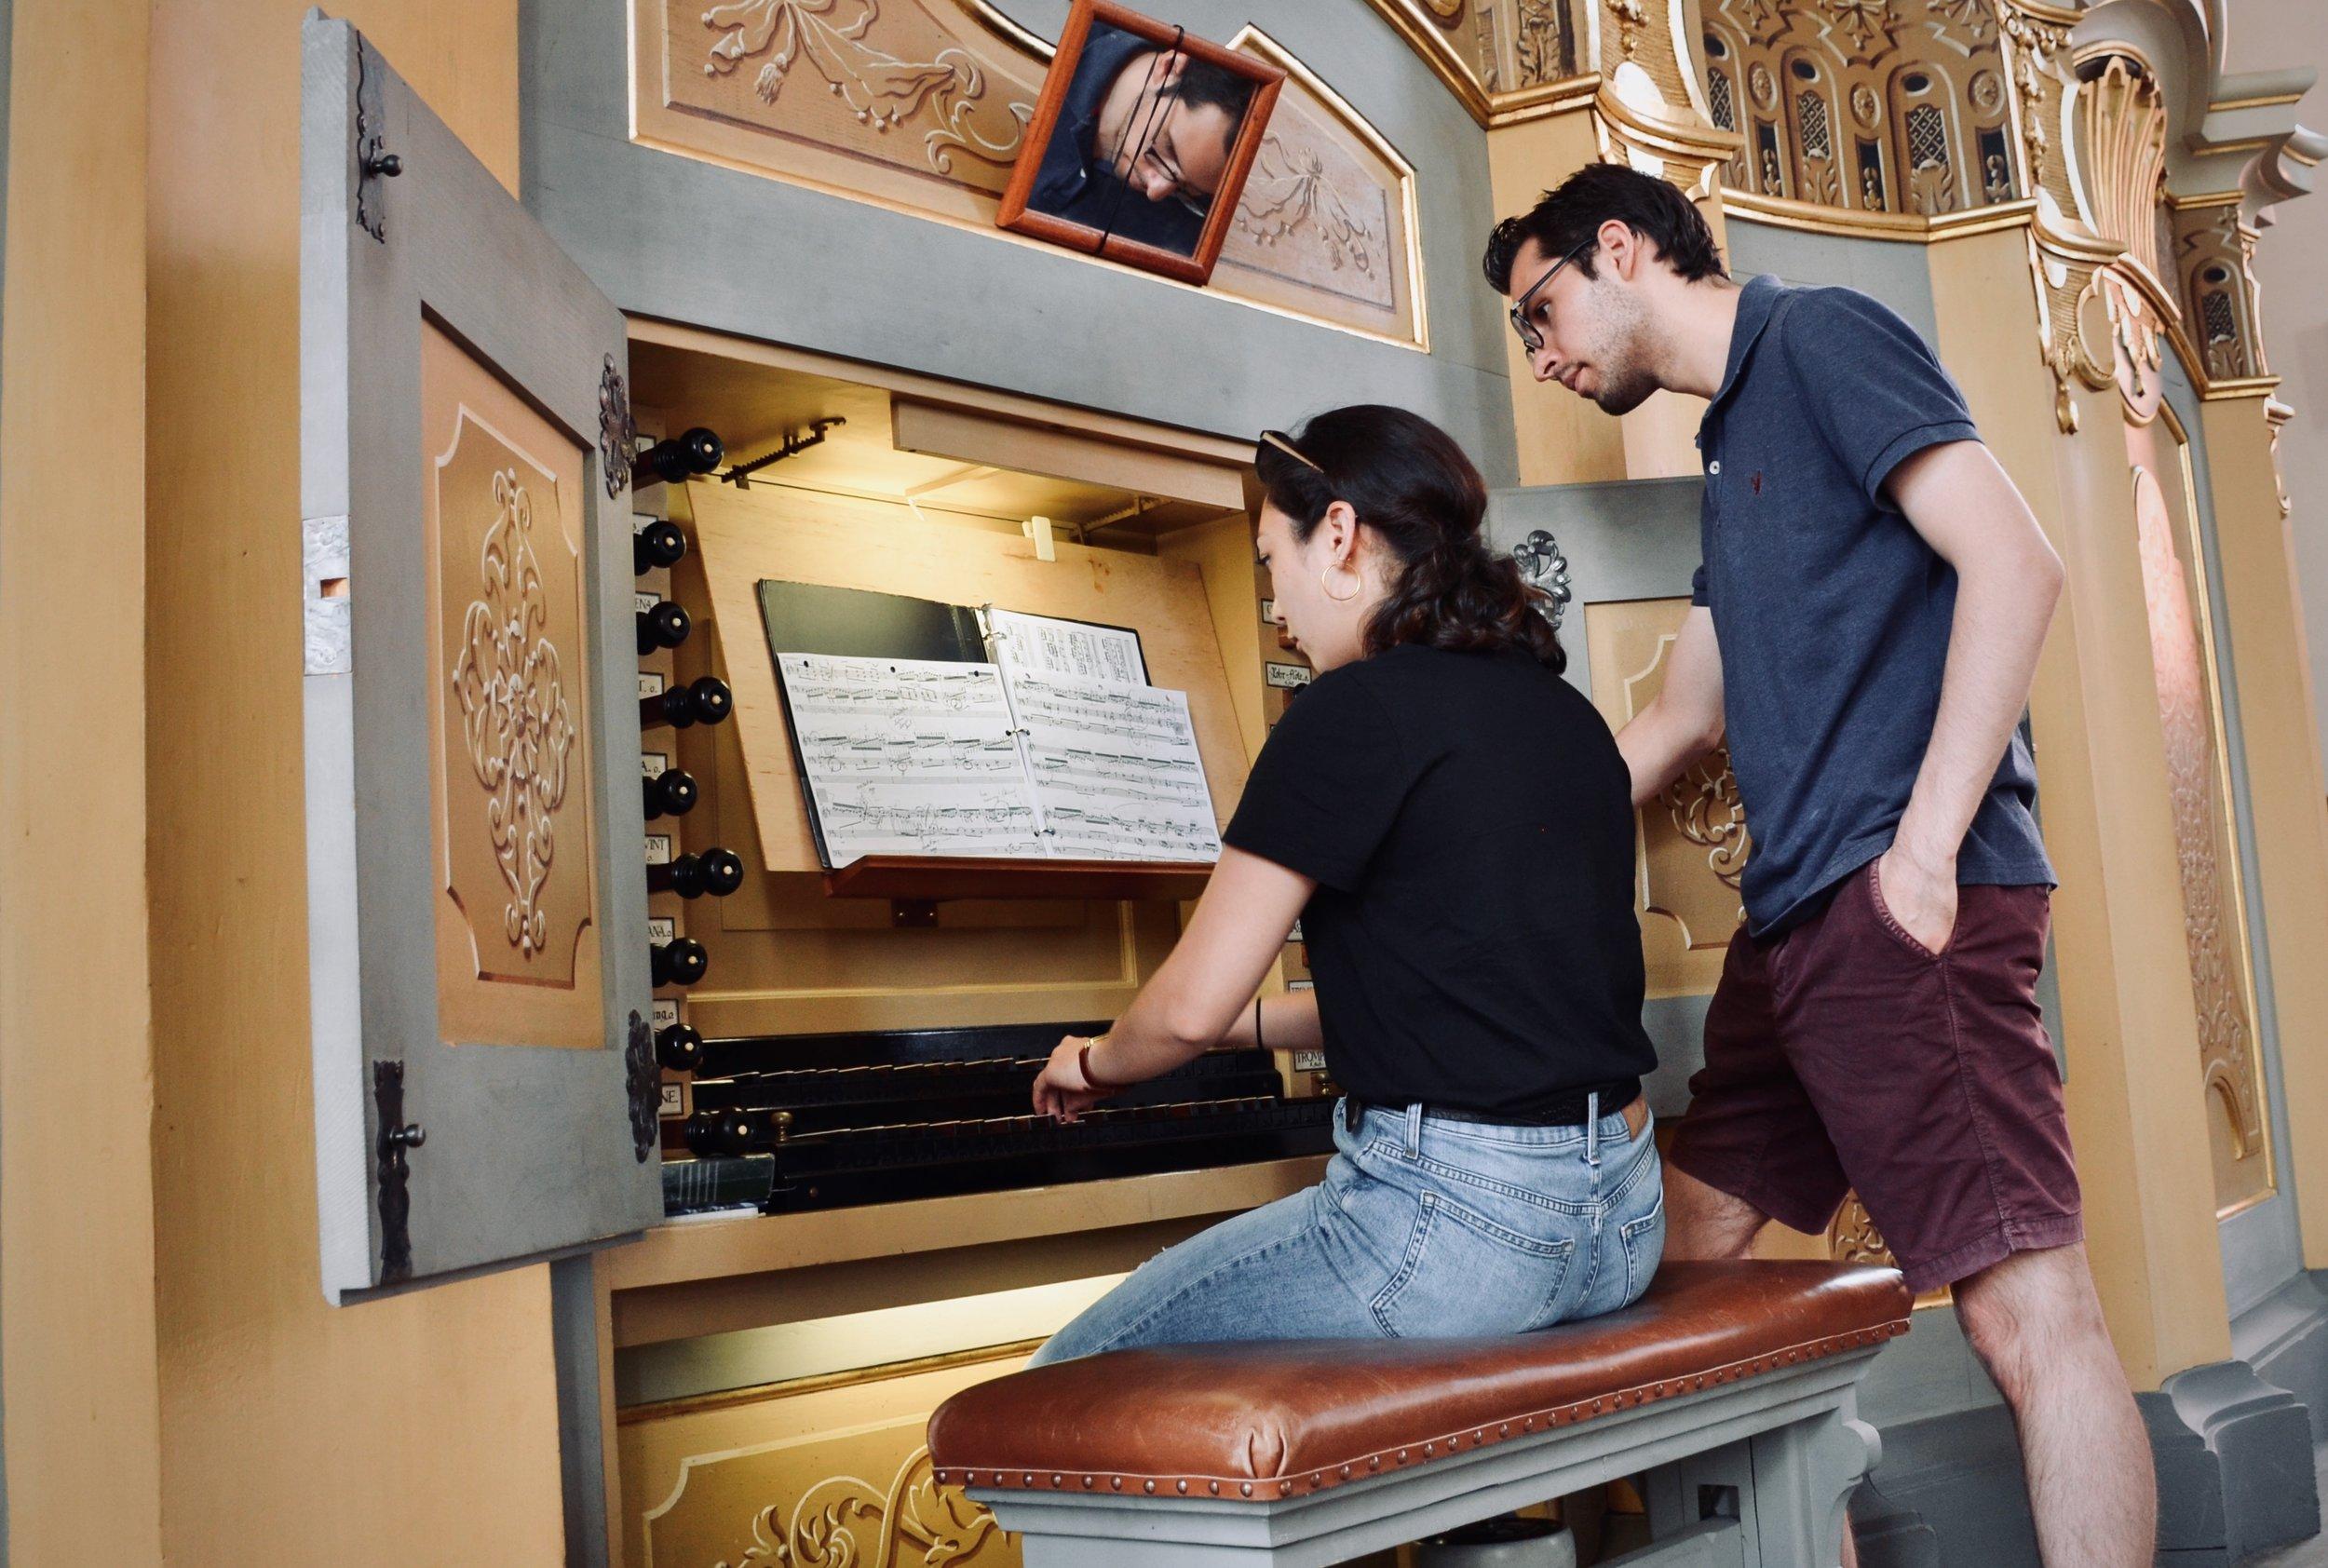 Meg Cutting plays the 1735 Gottfried Silbermann organ, St. Petrikirche, Freiberg.